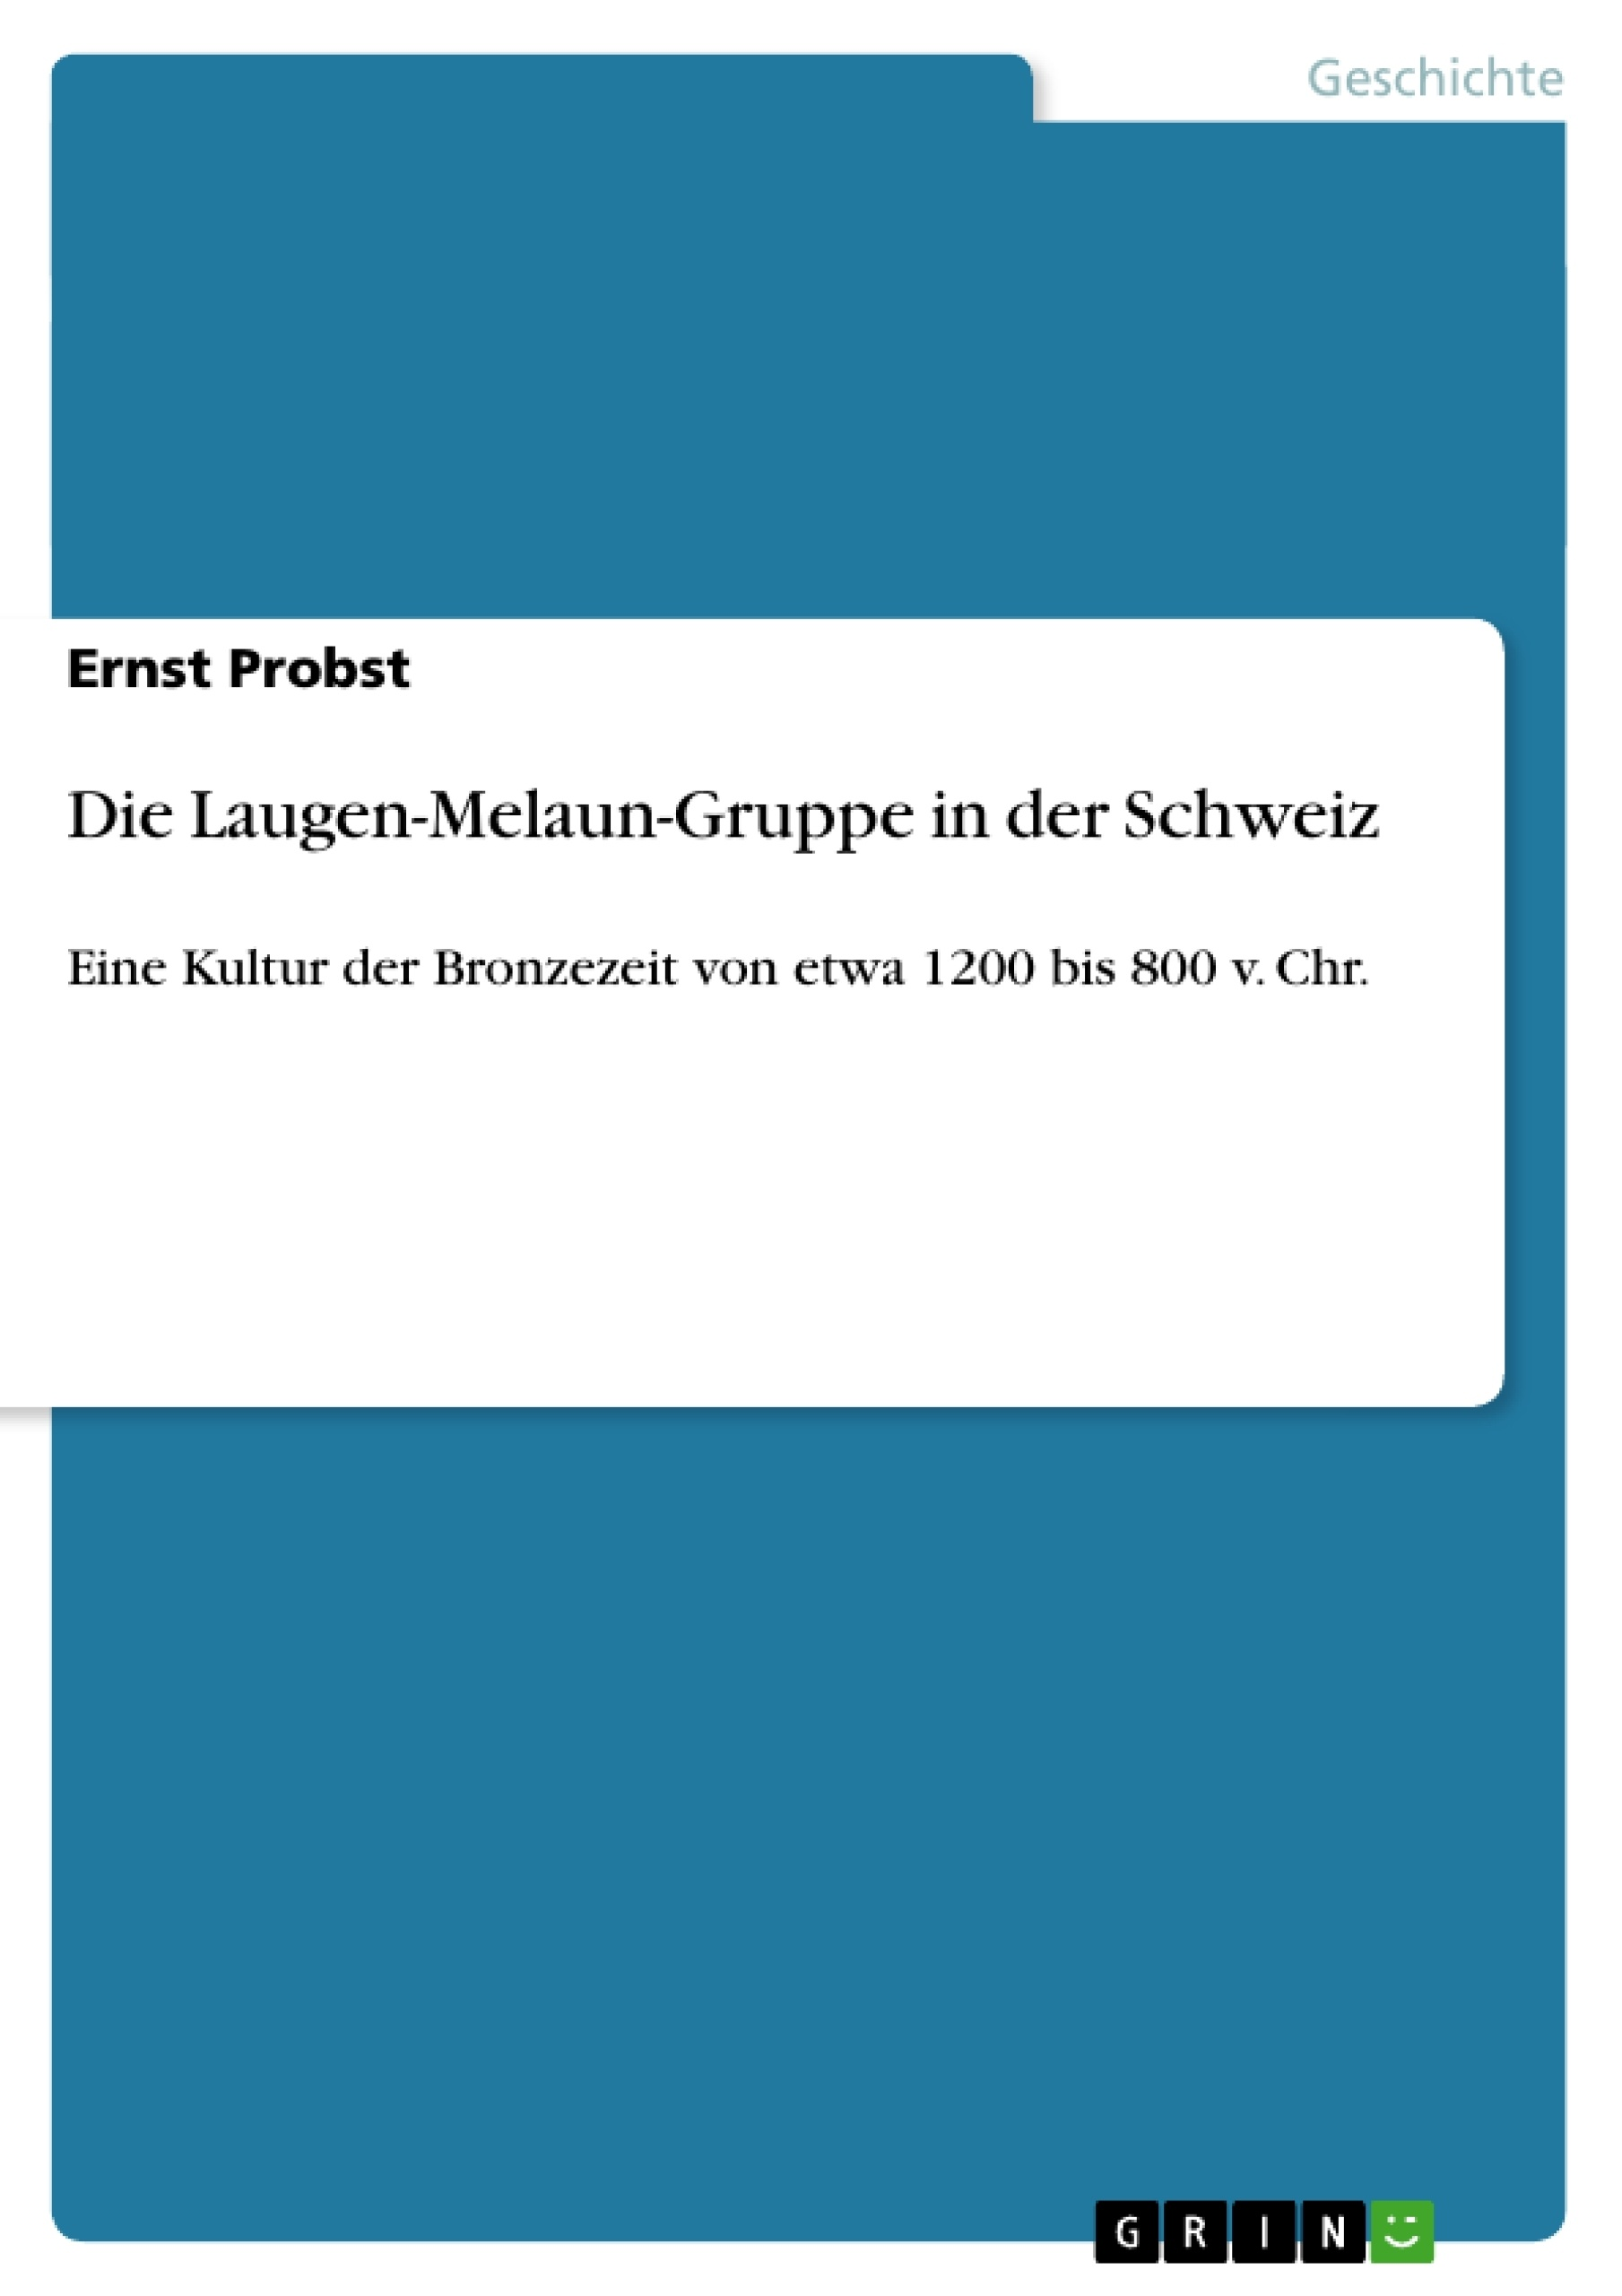 Titel: Die Laugen-Melaun-Gruppe in der Schweiz